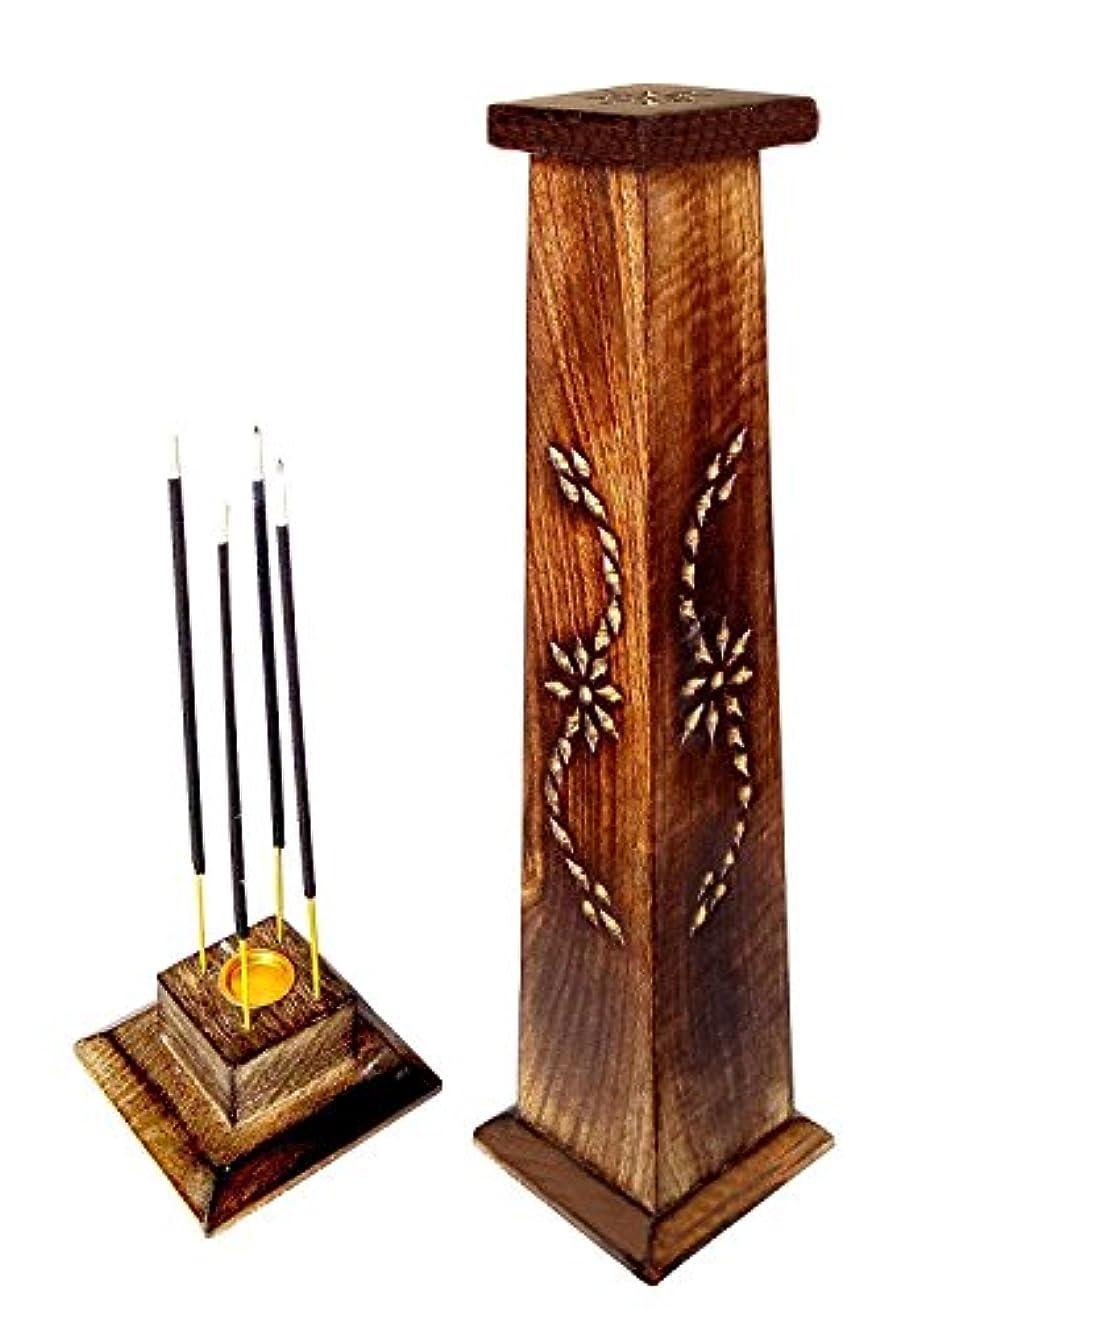 木製香炉Ideal for Aromatherapy、禅、Spa、Vastu、レイキChakra Votive Candle Garden Incense Tower 12